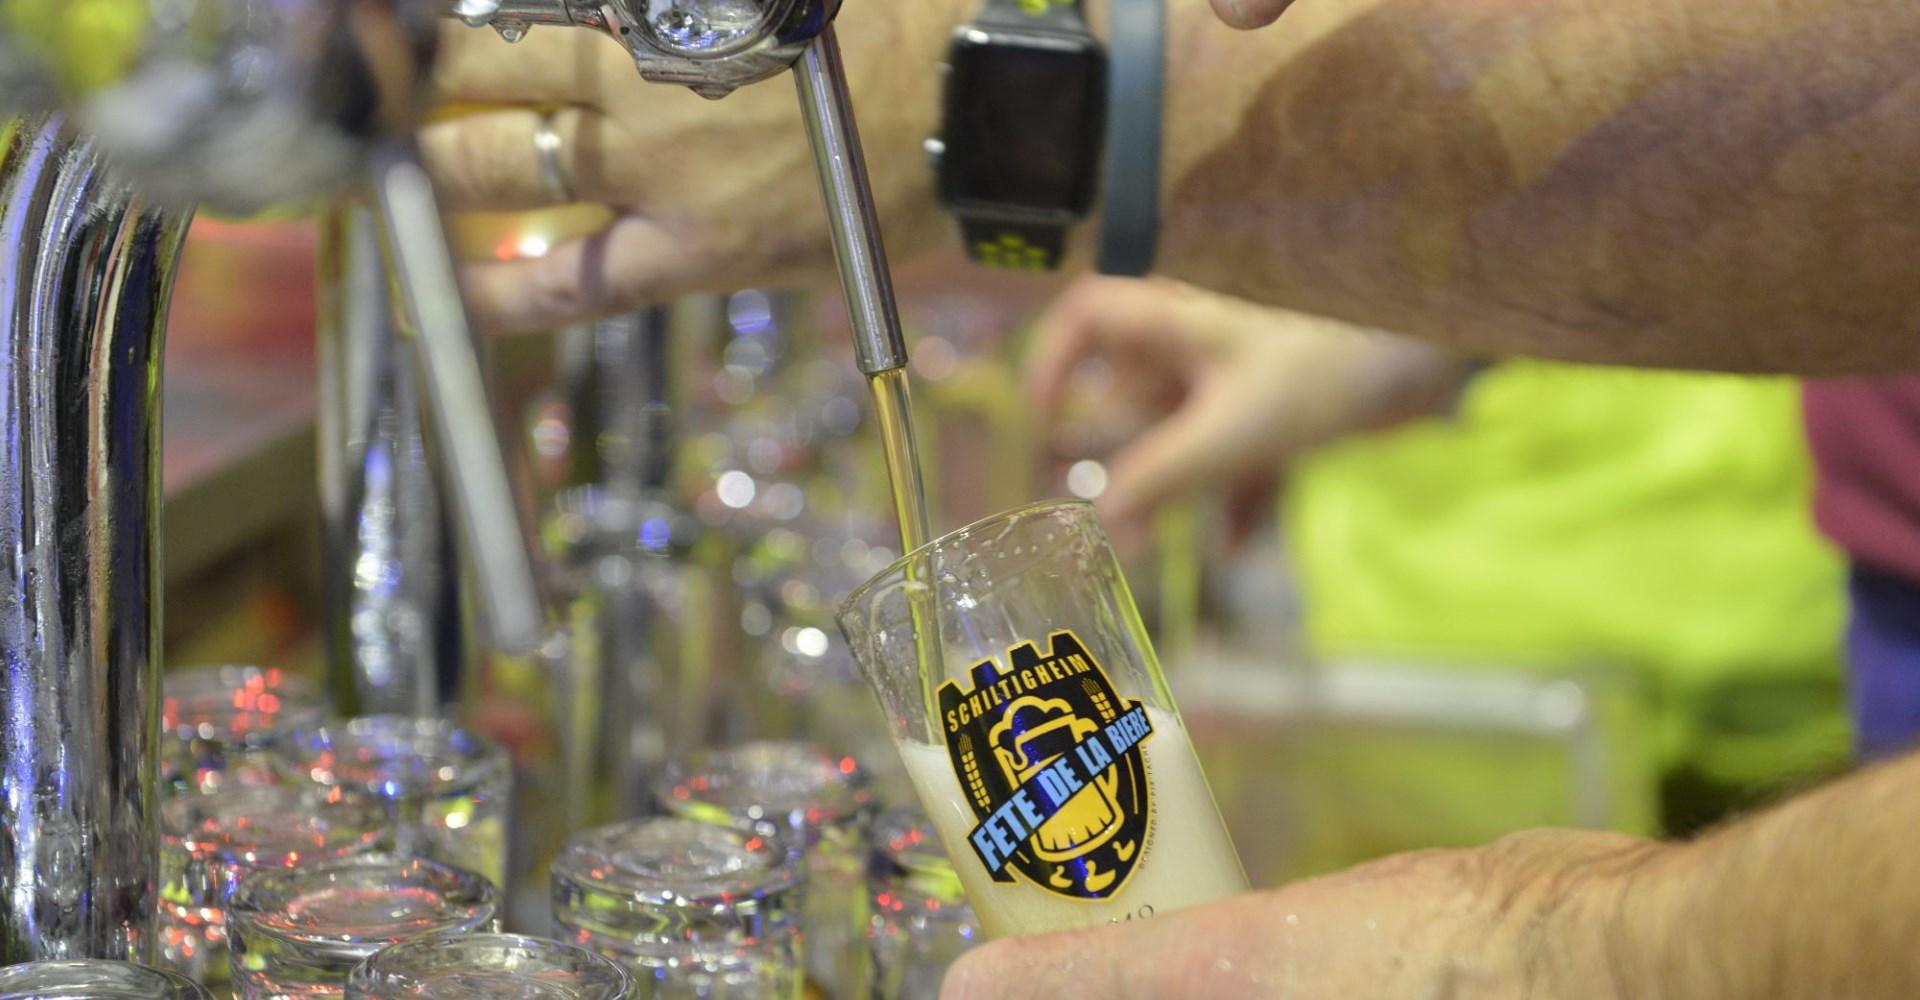 40ième édition de la Fête de la bière à Schiltigheim - ANNULATION